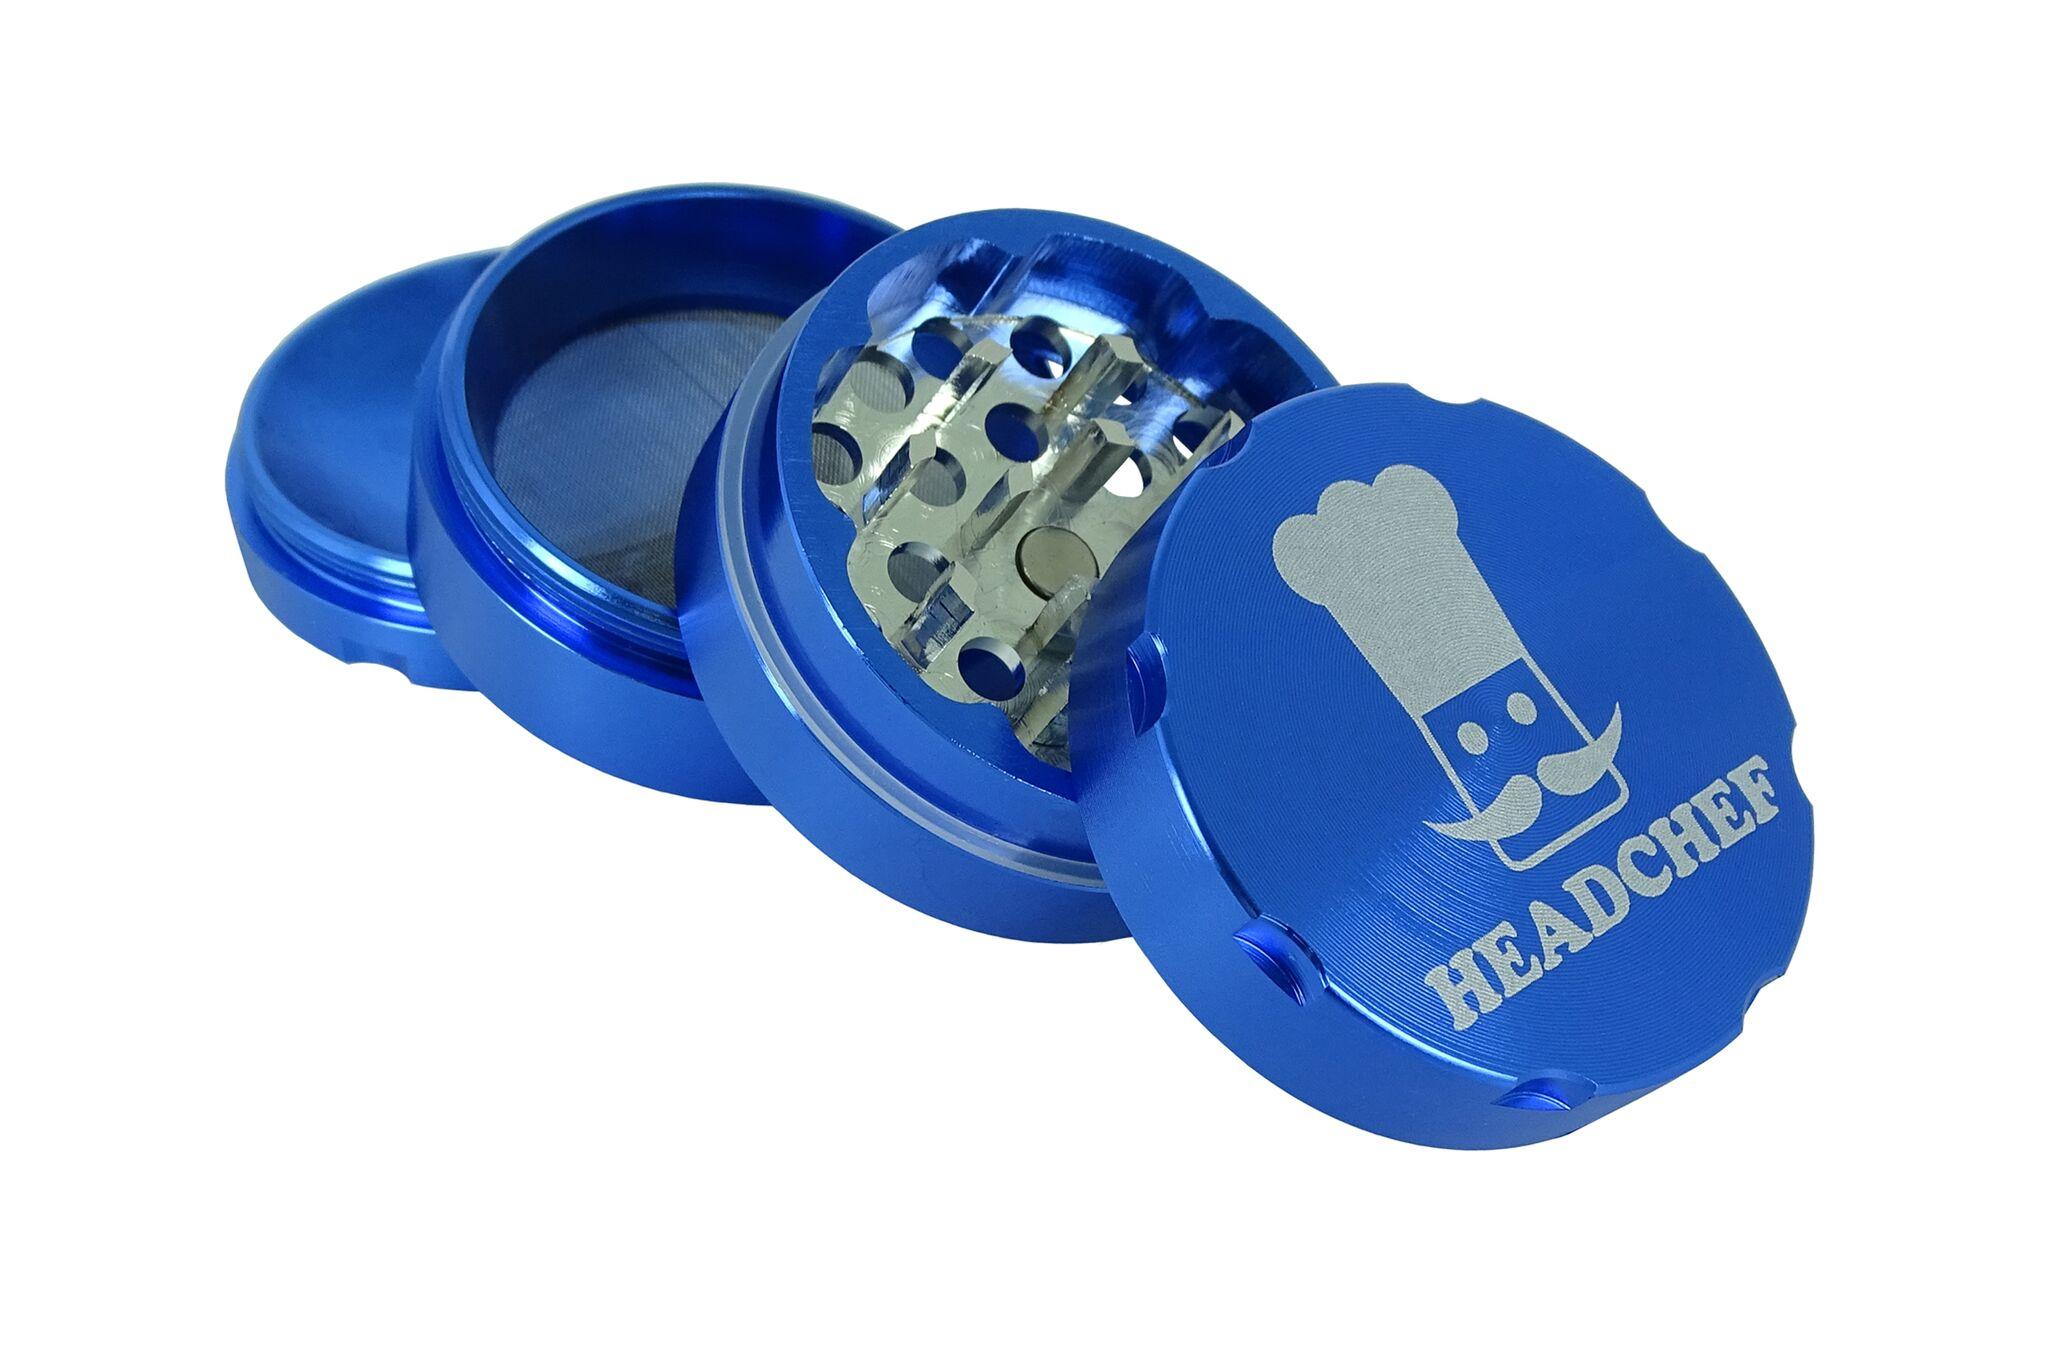 Headchef Grinder 50mm 4 Part - Blue